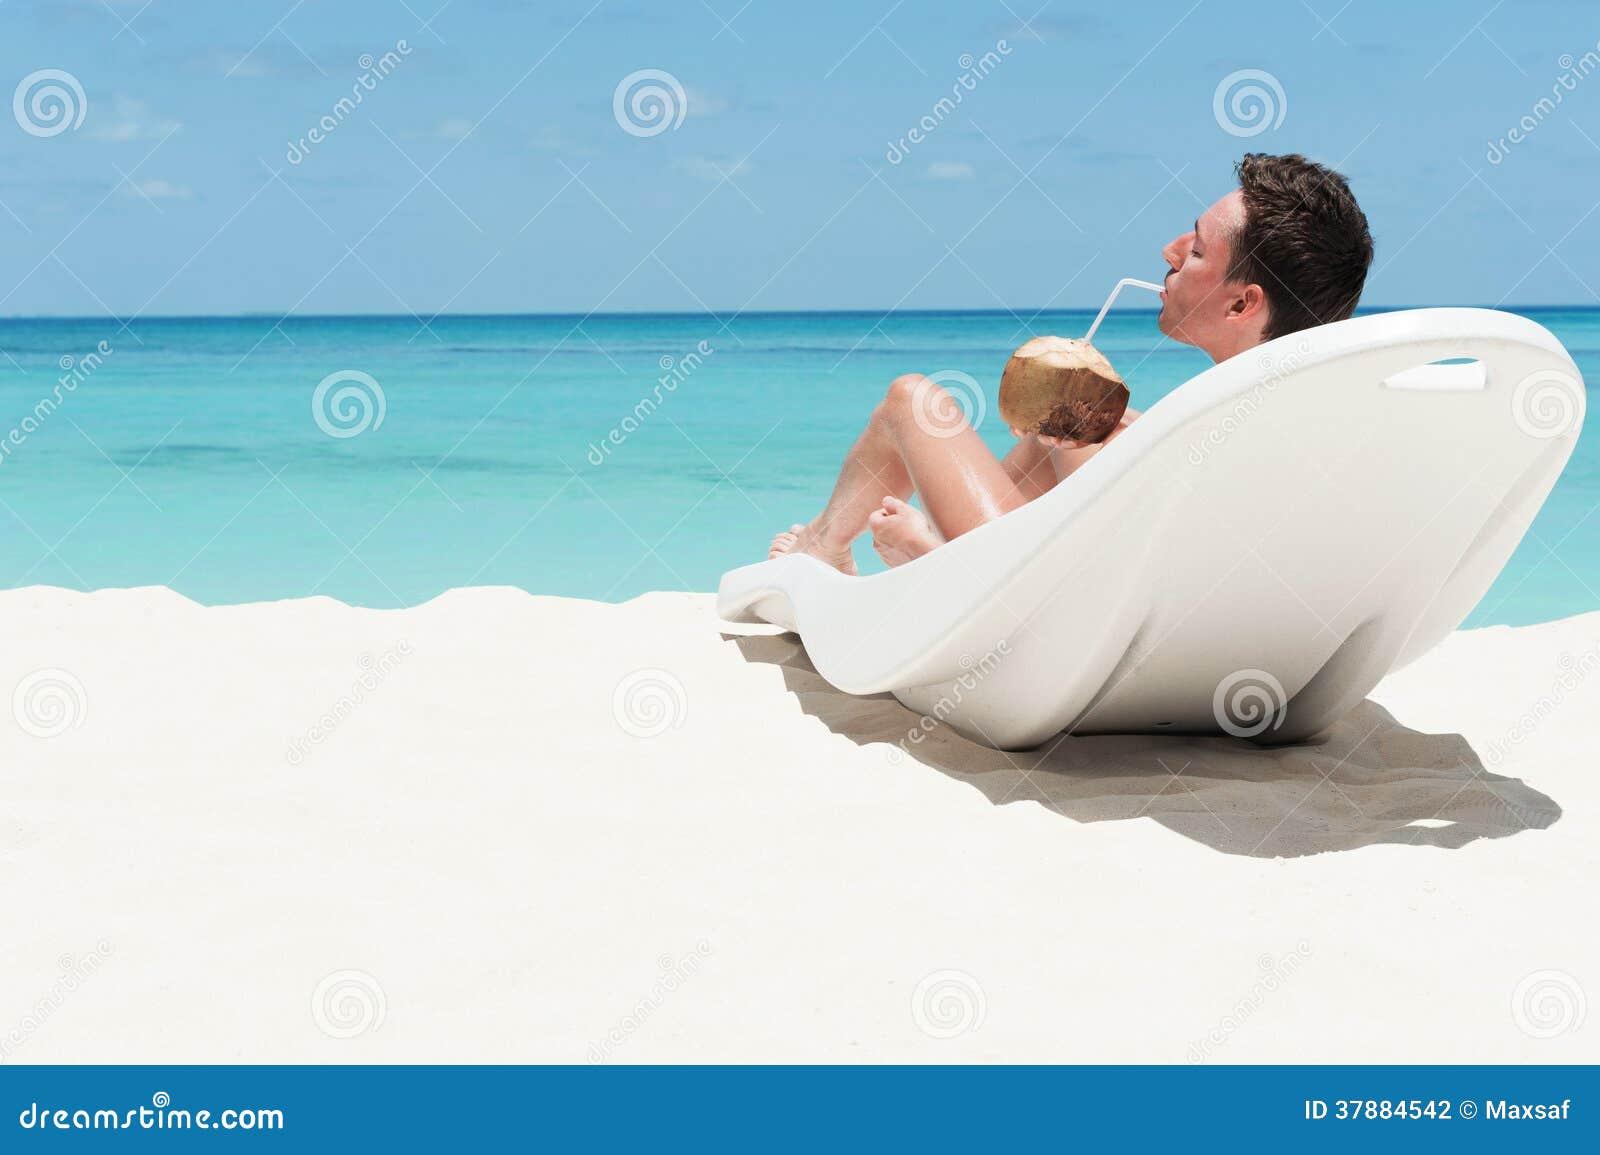 De mens ligt op lanterfanter met kokosnoot. Vrije tijdsactiviteit op strand.  Mens